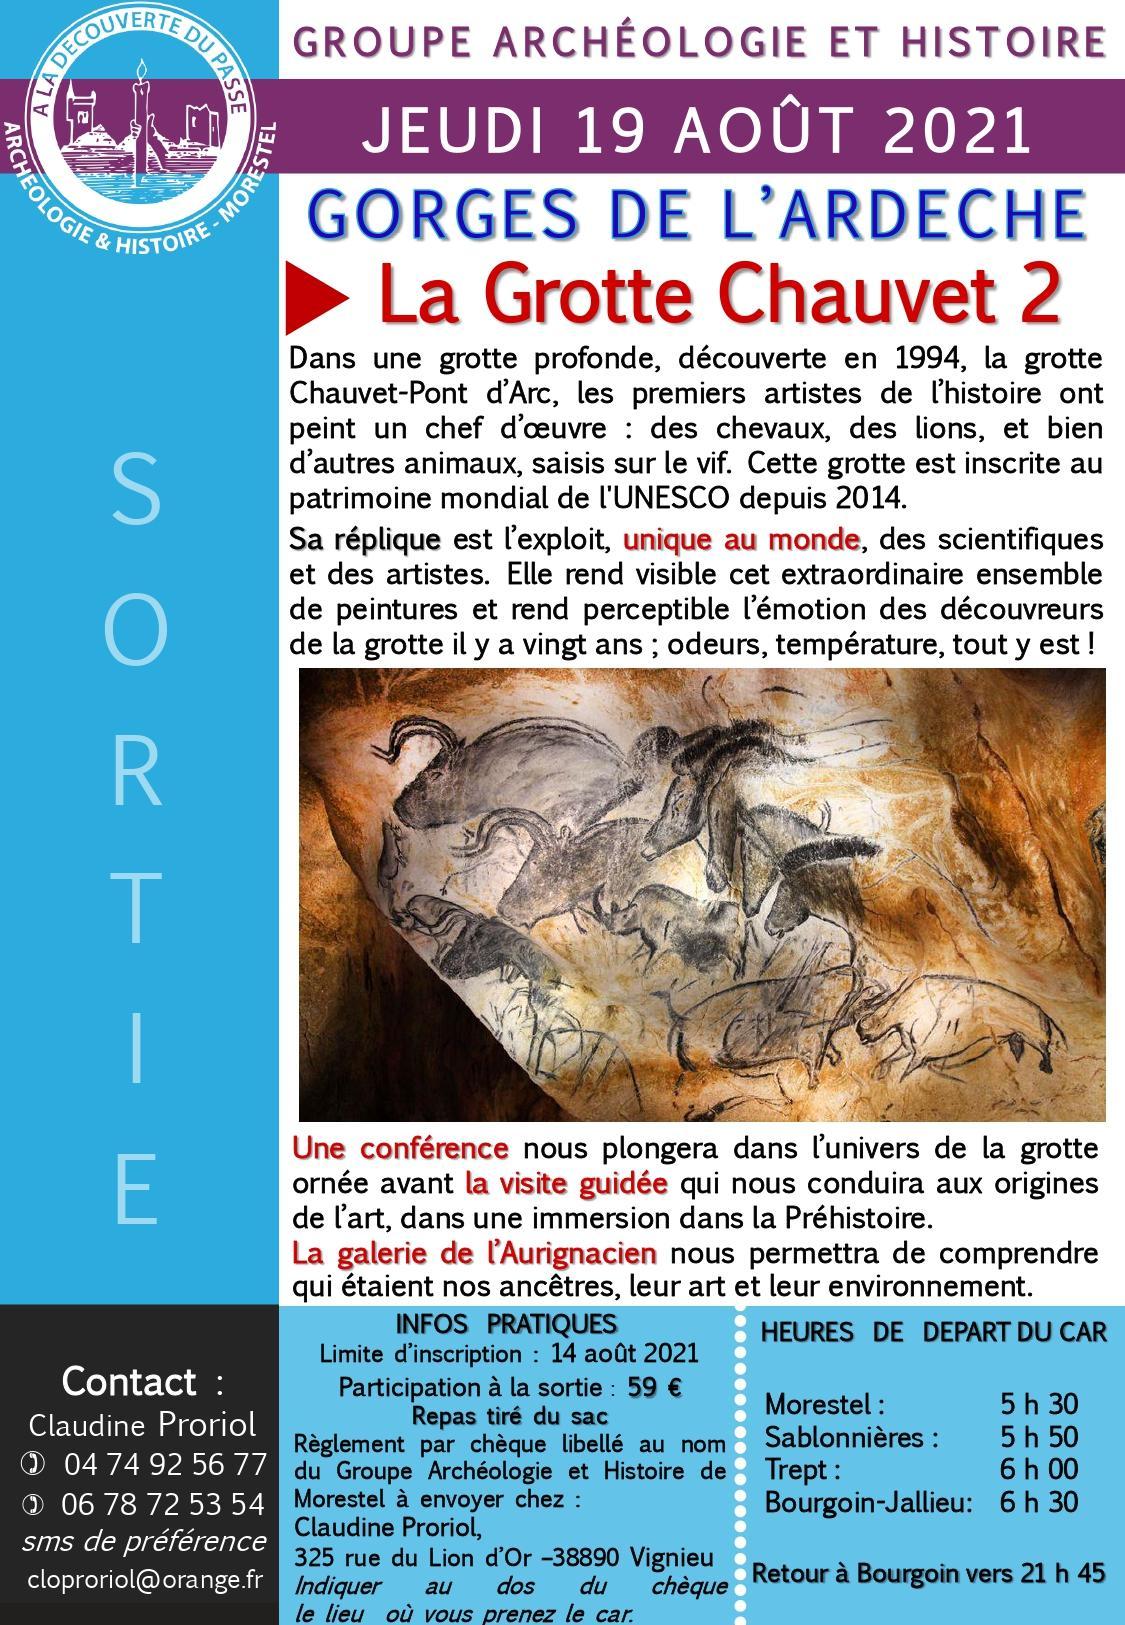 Geah 19 aout la grotte chauvet page 0001